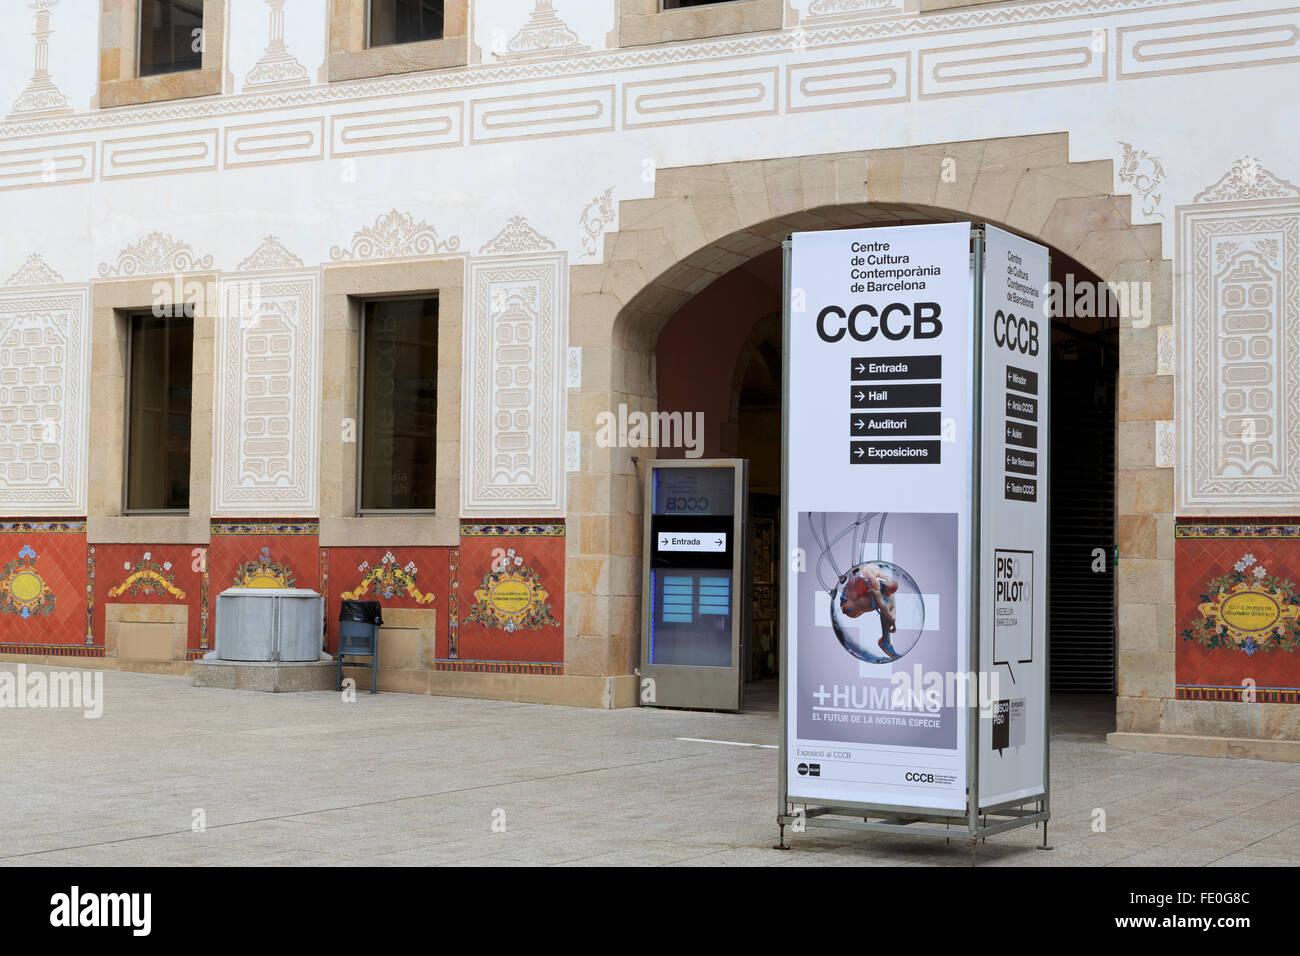 Centre de Cultura Contemporania de Barcelona, Catalogna, Spagna, Europa Immagini Stock